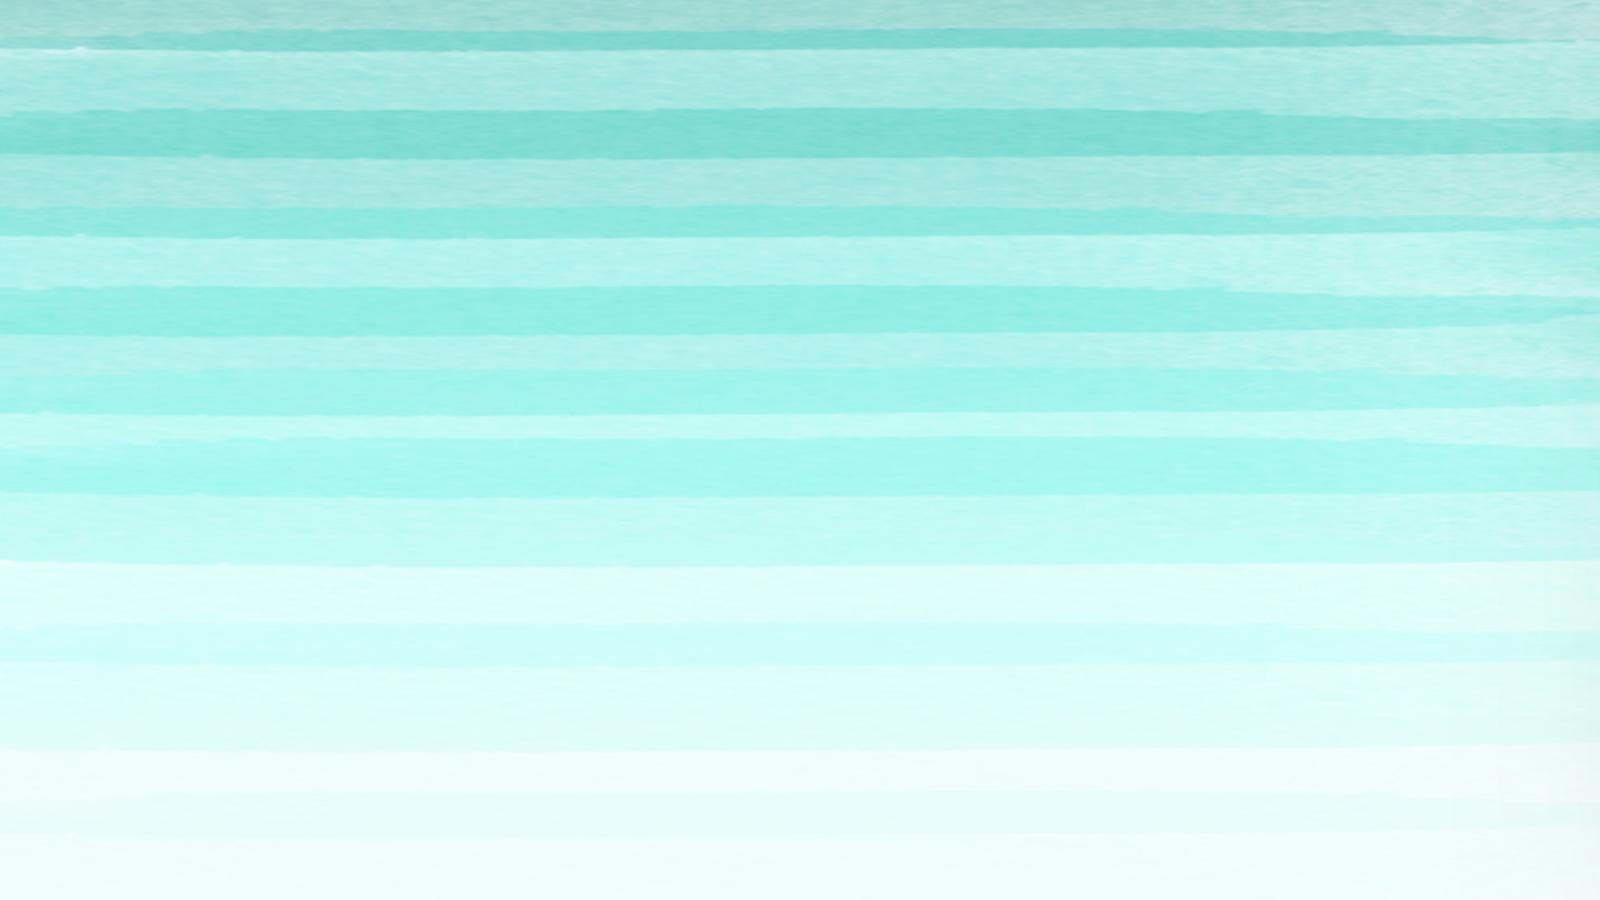 Ombre Desktop Wallpaper Wallpapersafari